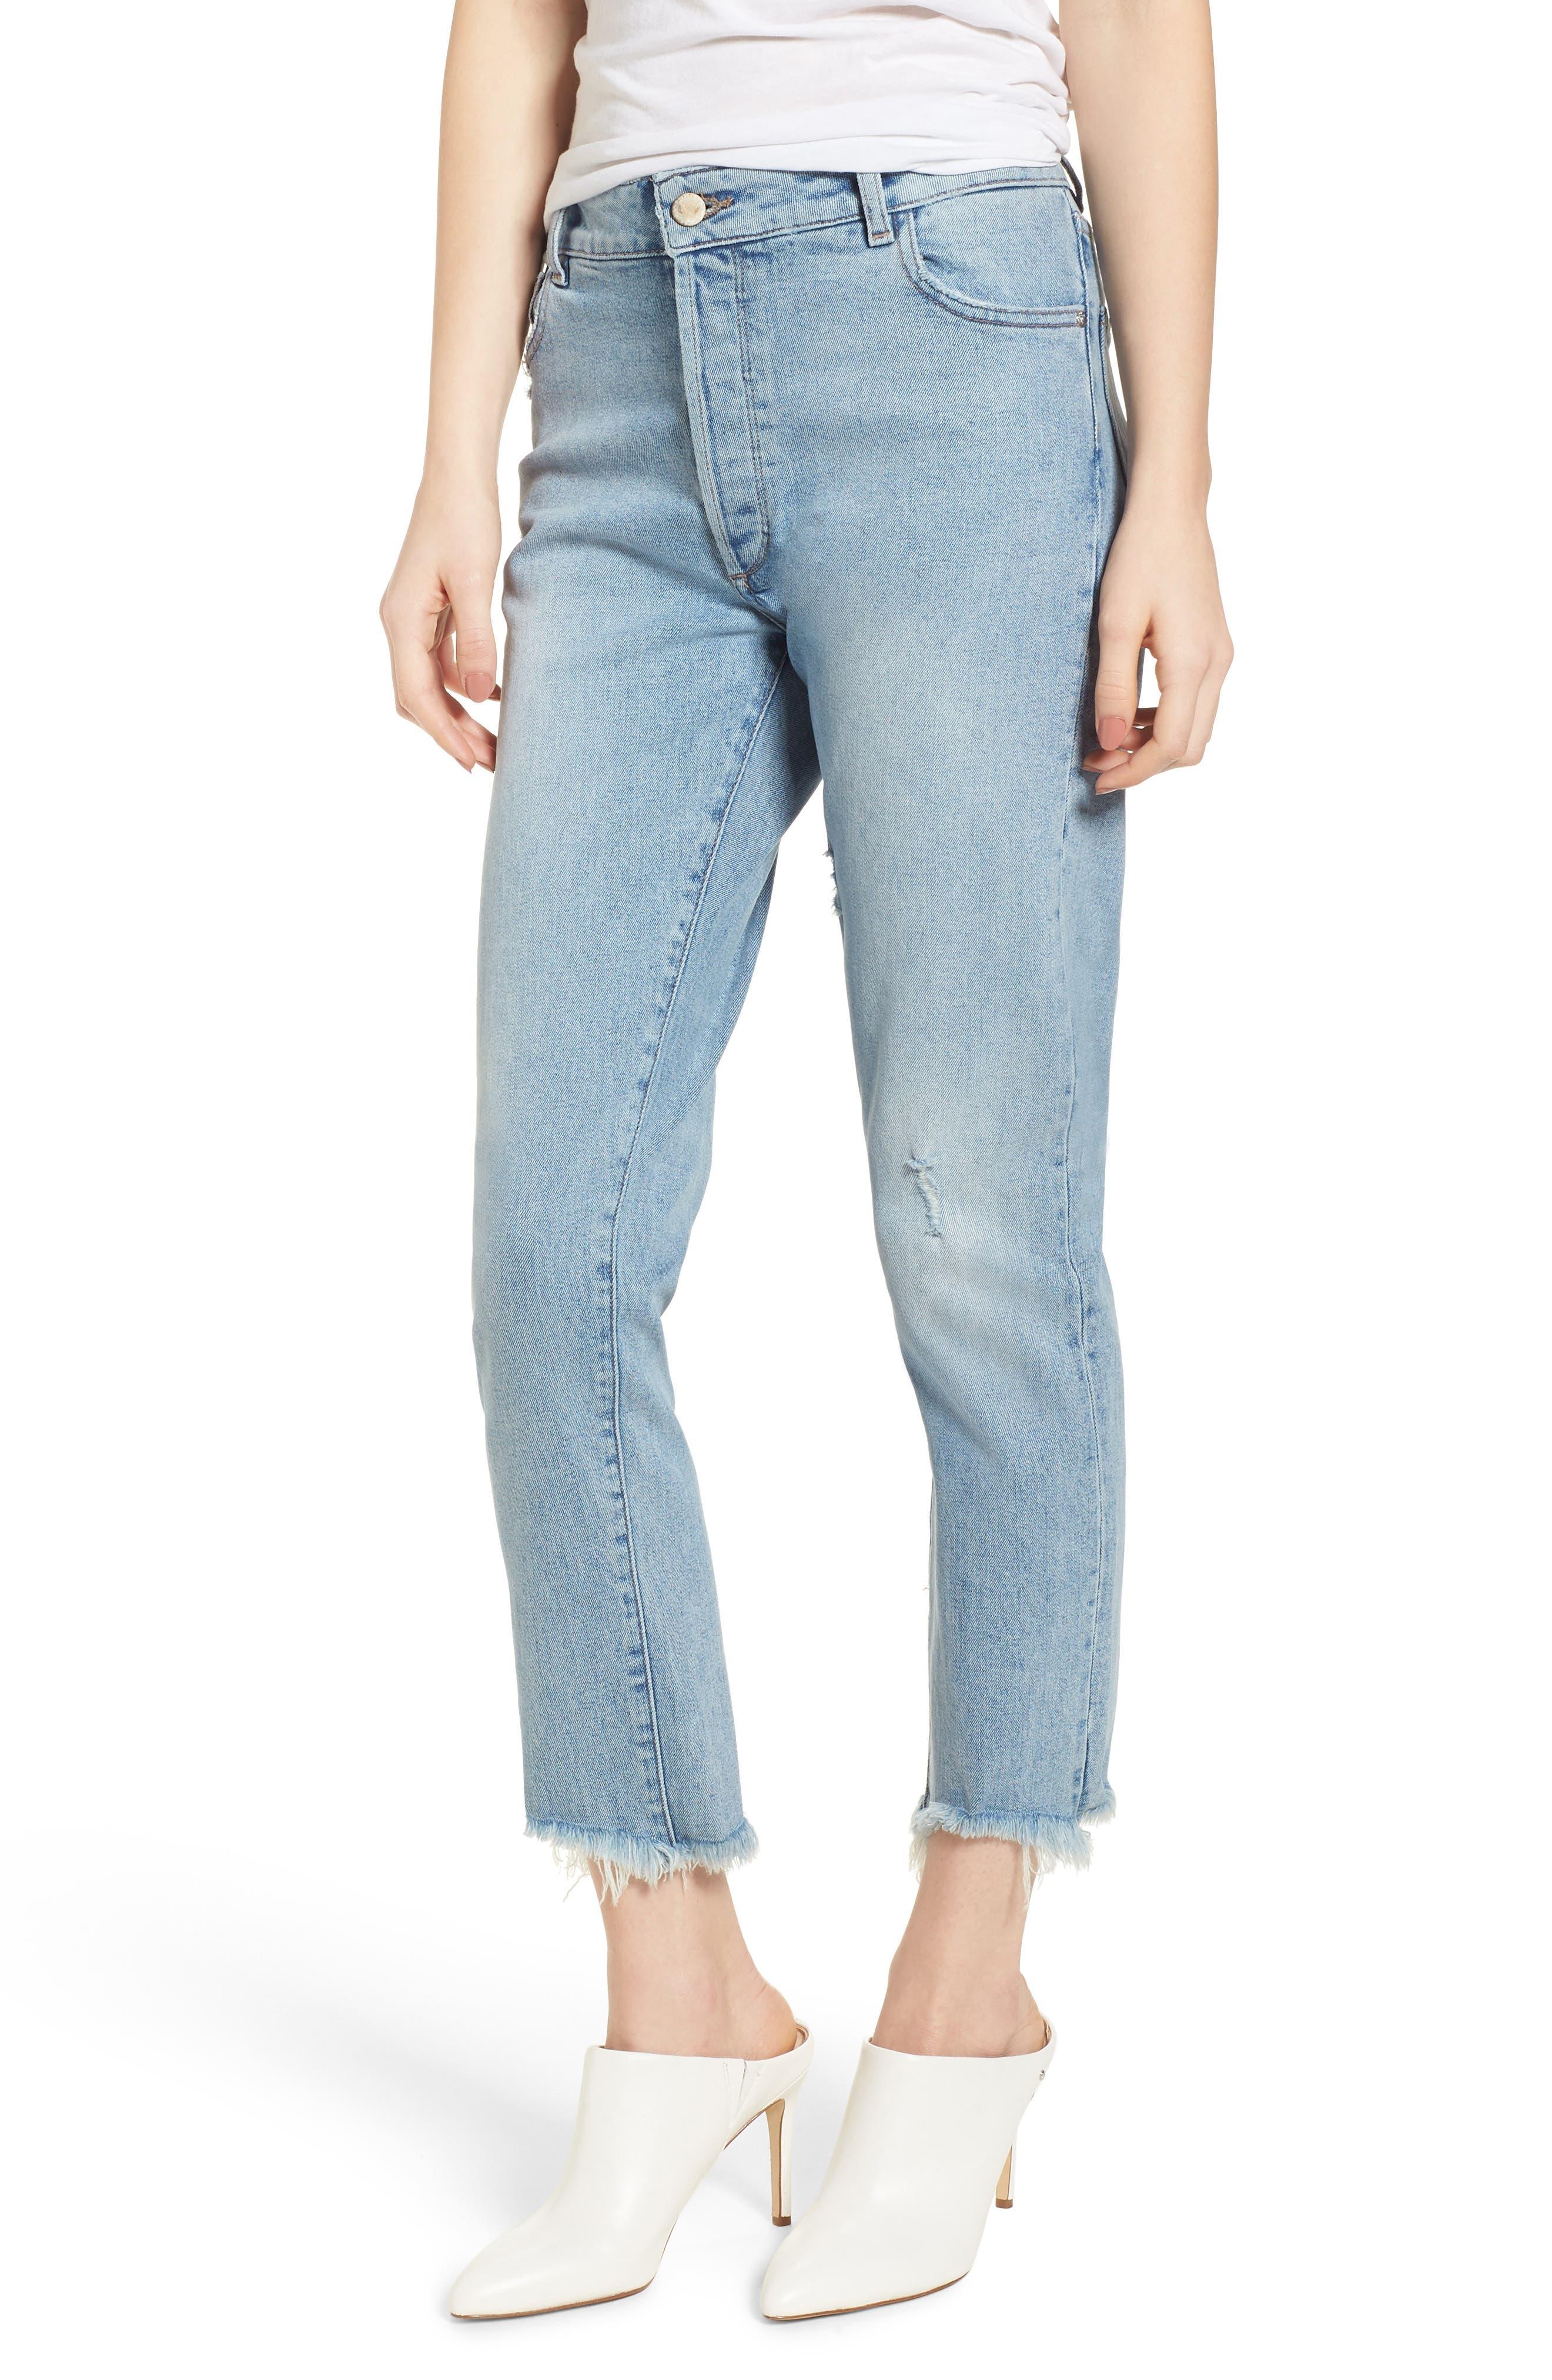 Bella Vintage Crop Slim Jeans,                             Main thumbnail 1, color,                             Super Bleach